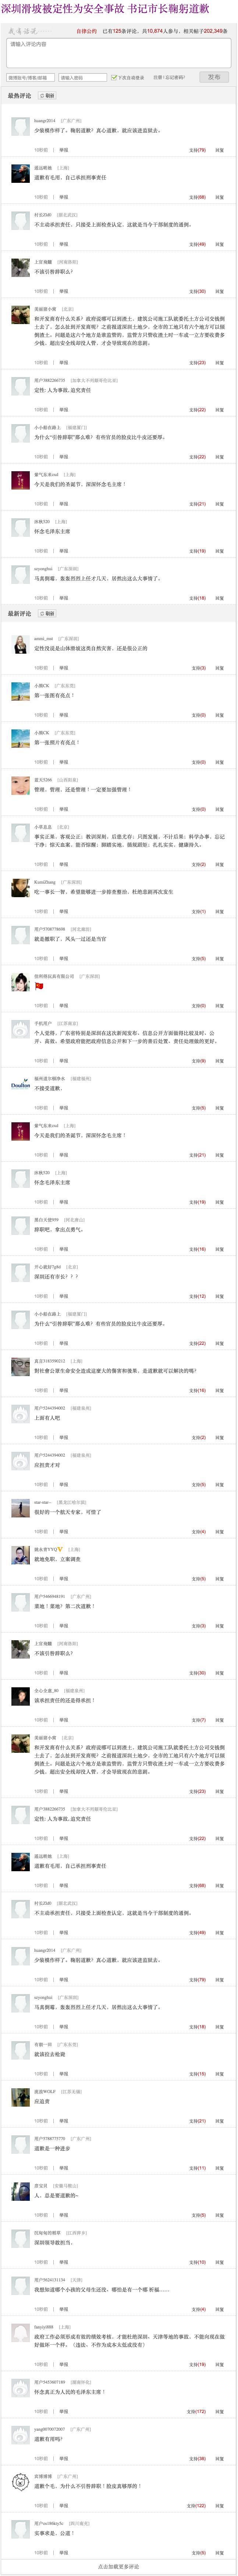 新闻论坛_深圳滑坡被定性为安全事故 书记市长鞠躬道歉_新浪网 (1)